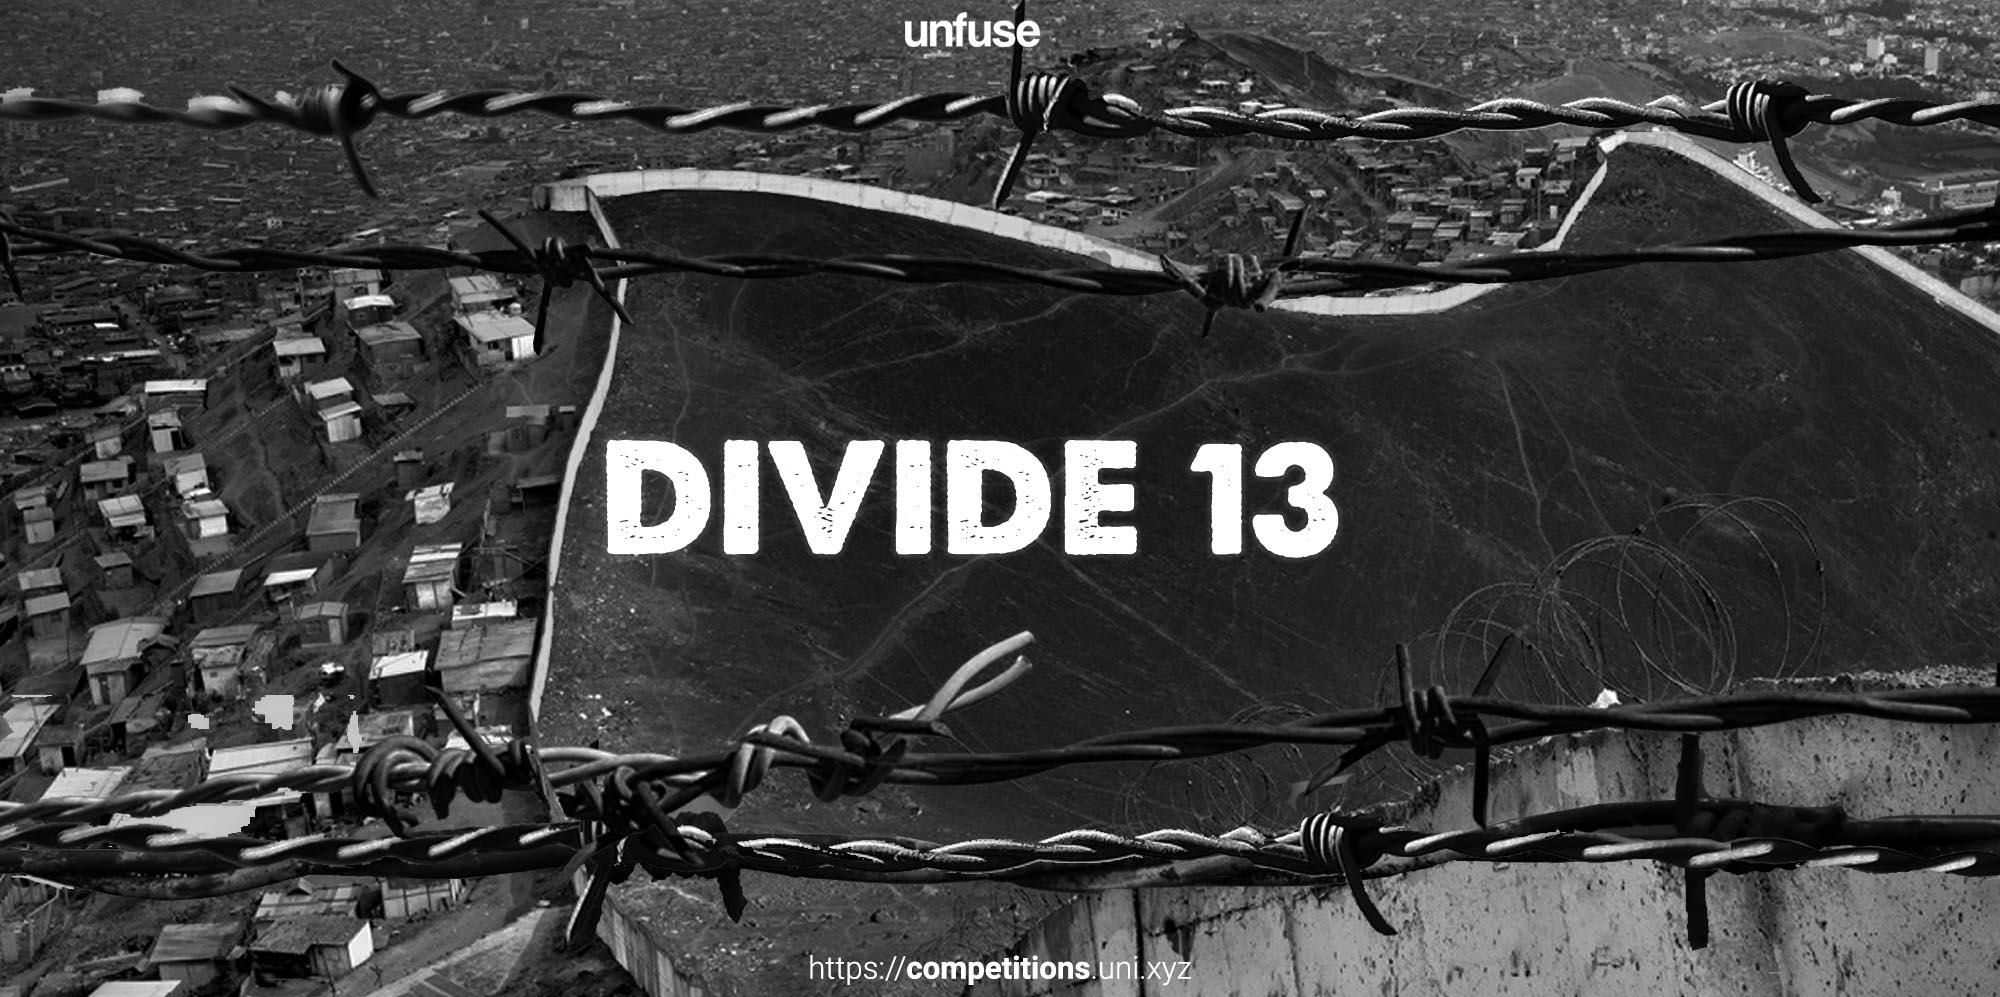 Divide 13